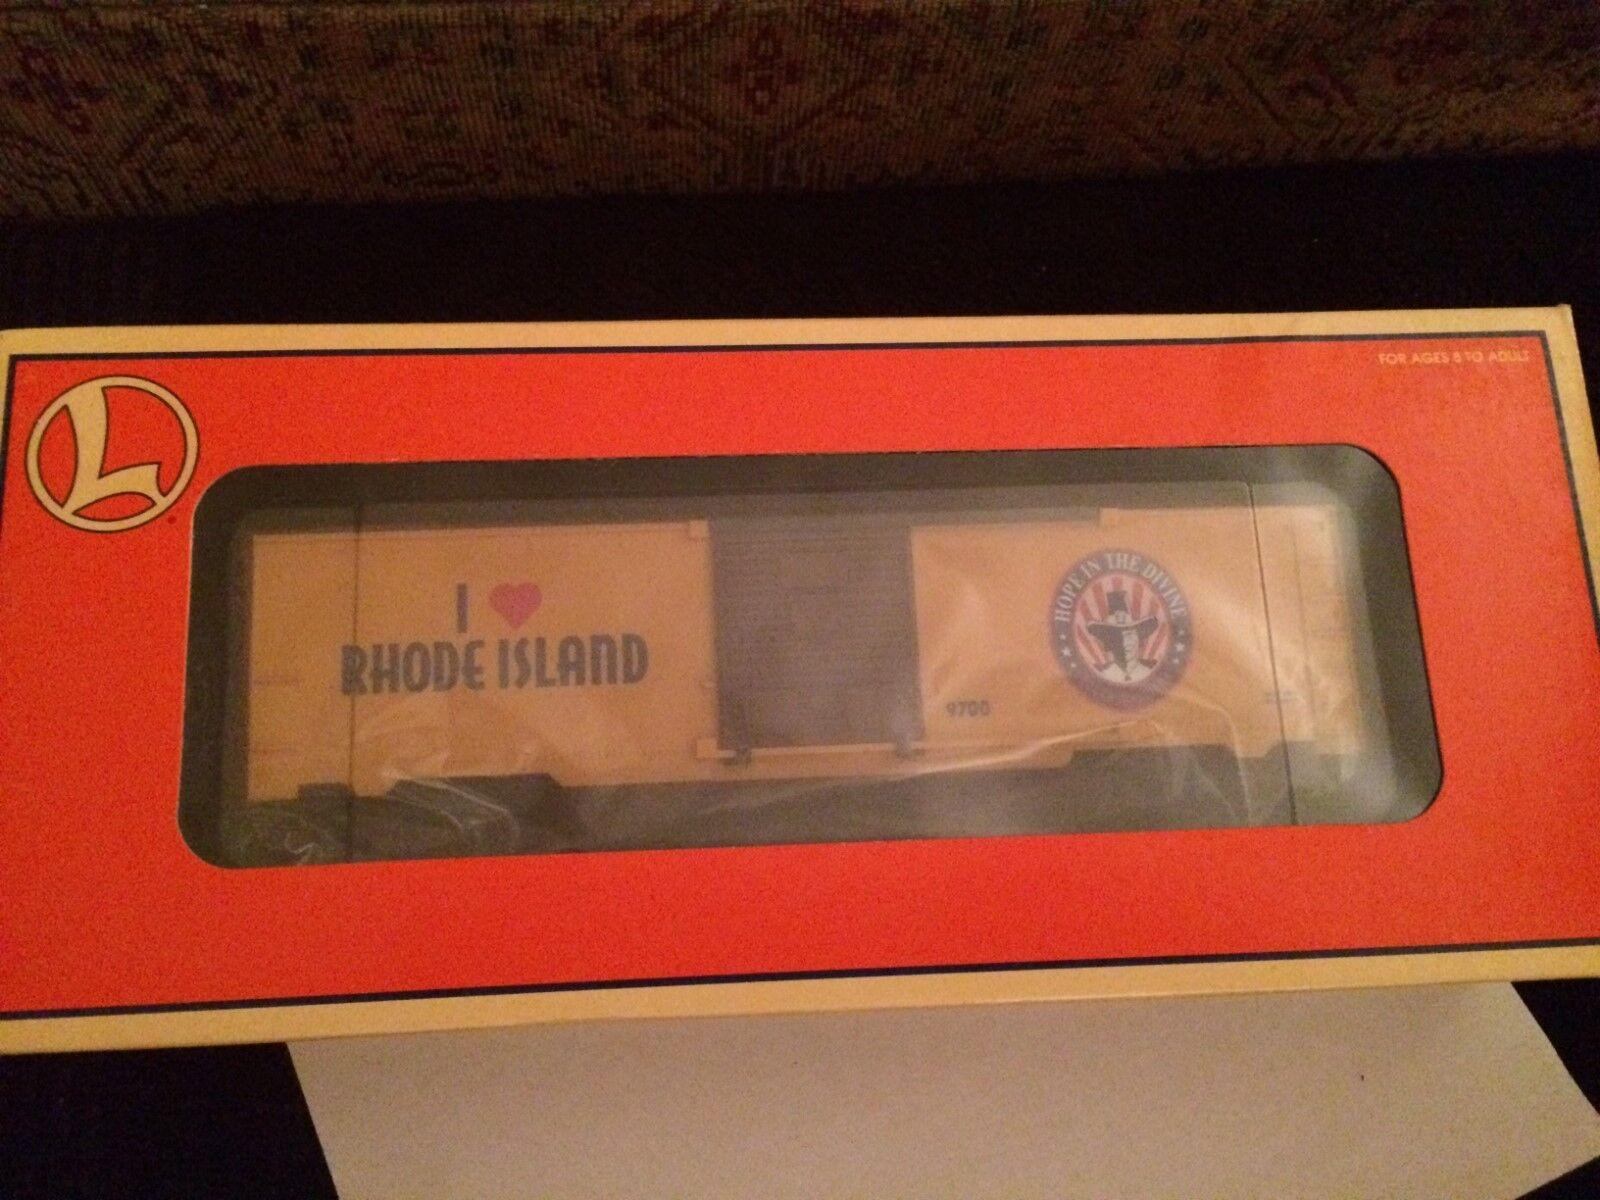 Lionel 19971 I Love Rhode Island Box Car Nuovo in Box